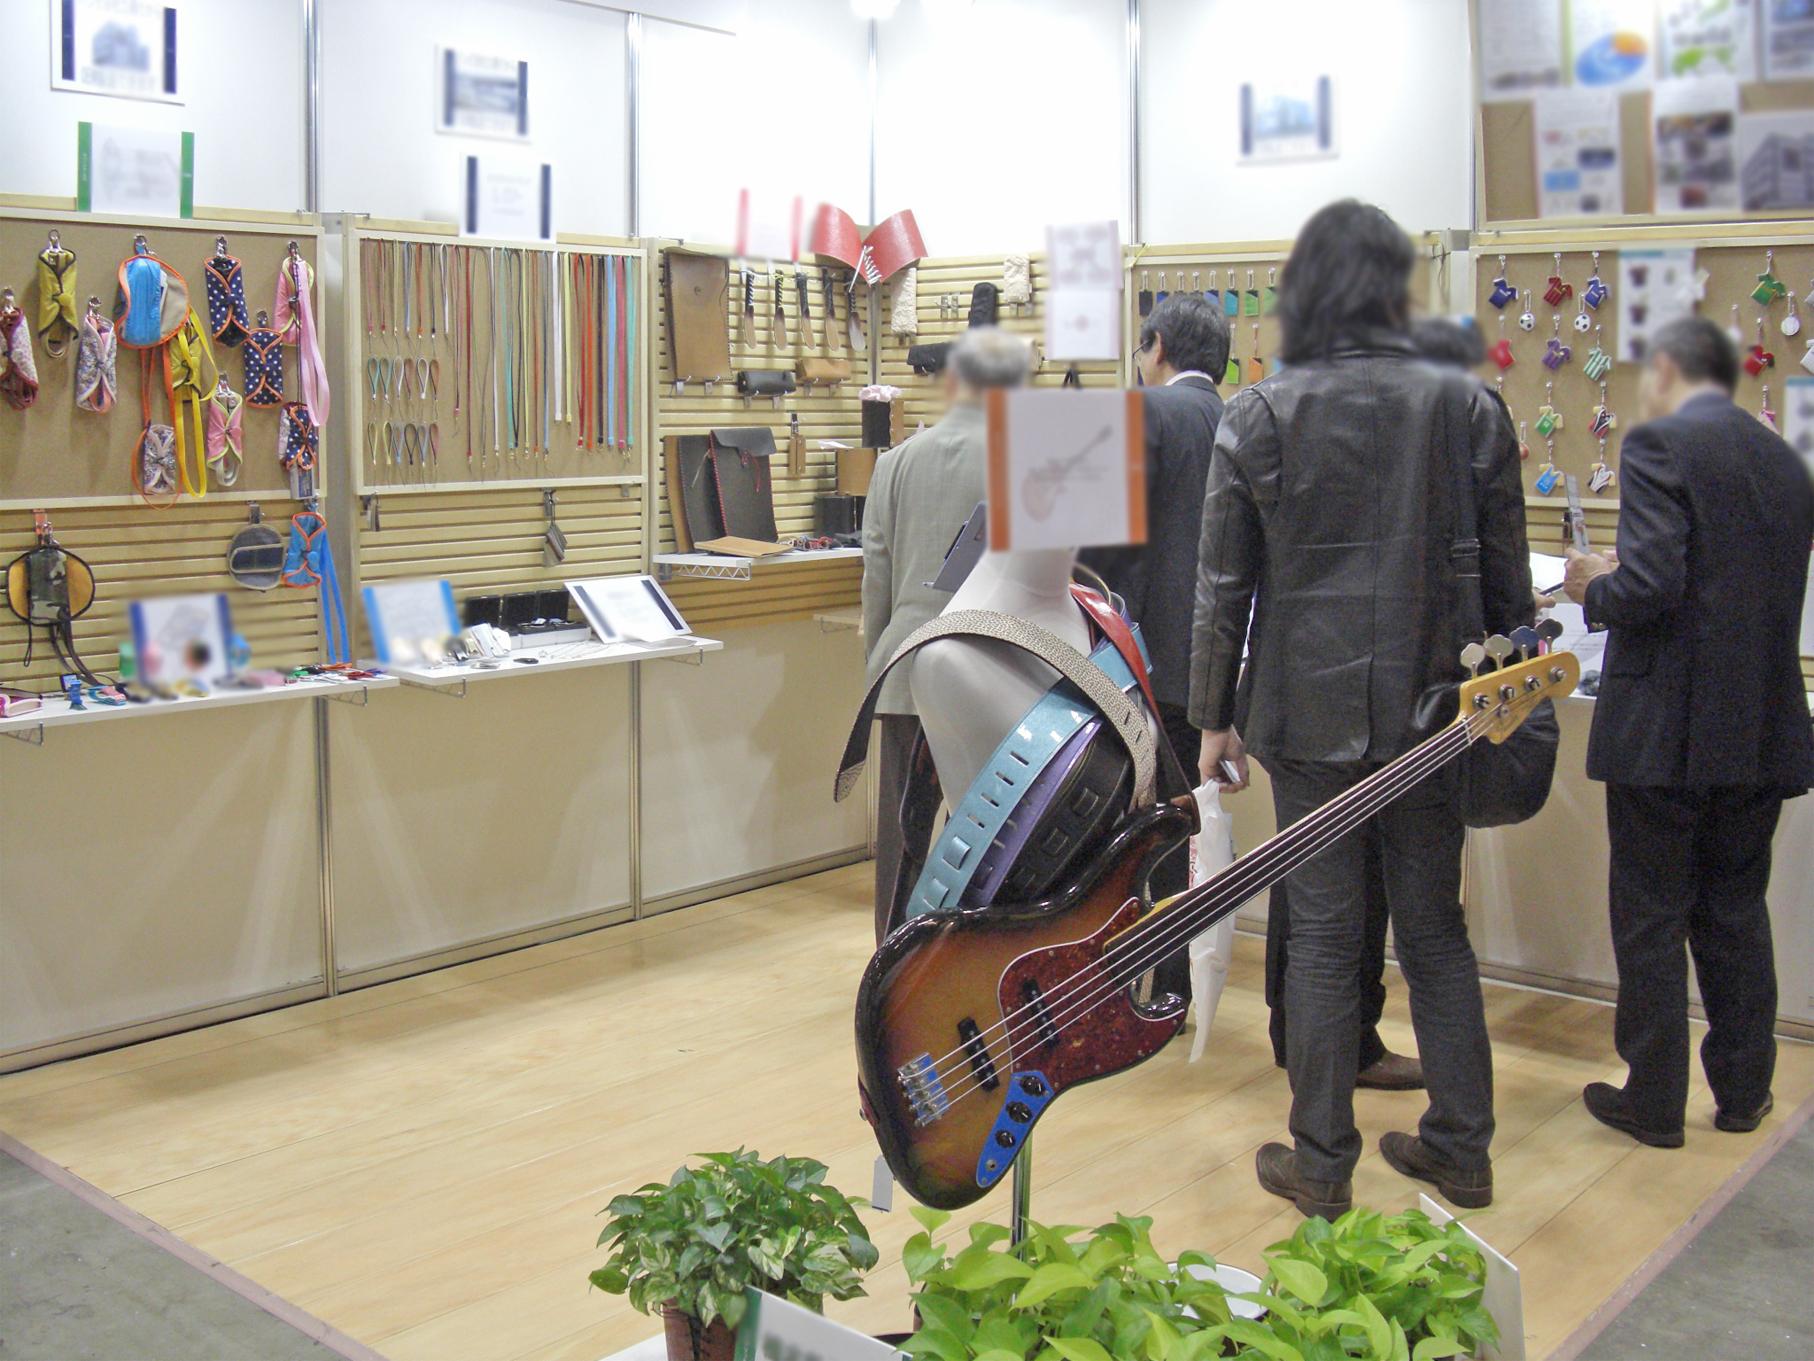 第3回国際イベント総合展 2011<br />東京ビッグサイト / 小間(3Mx3M)